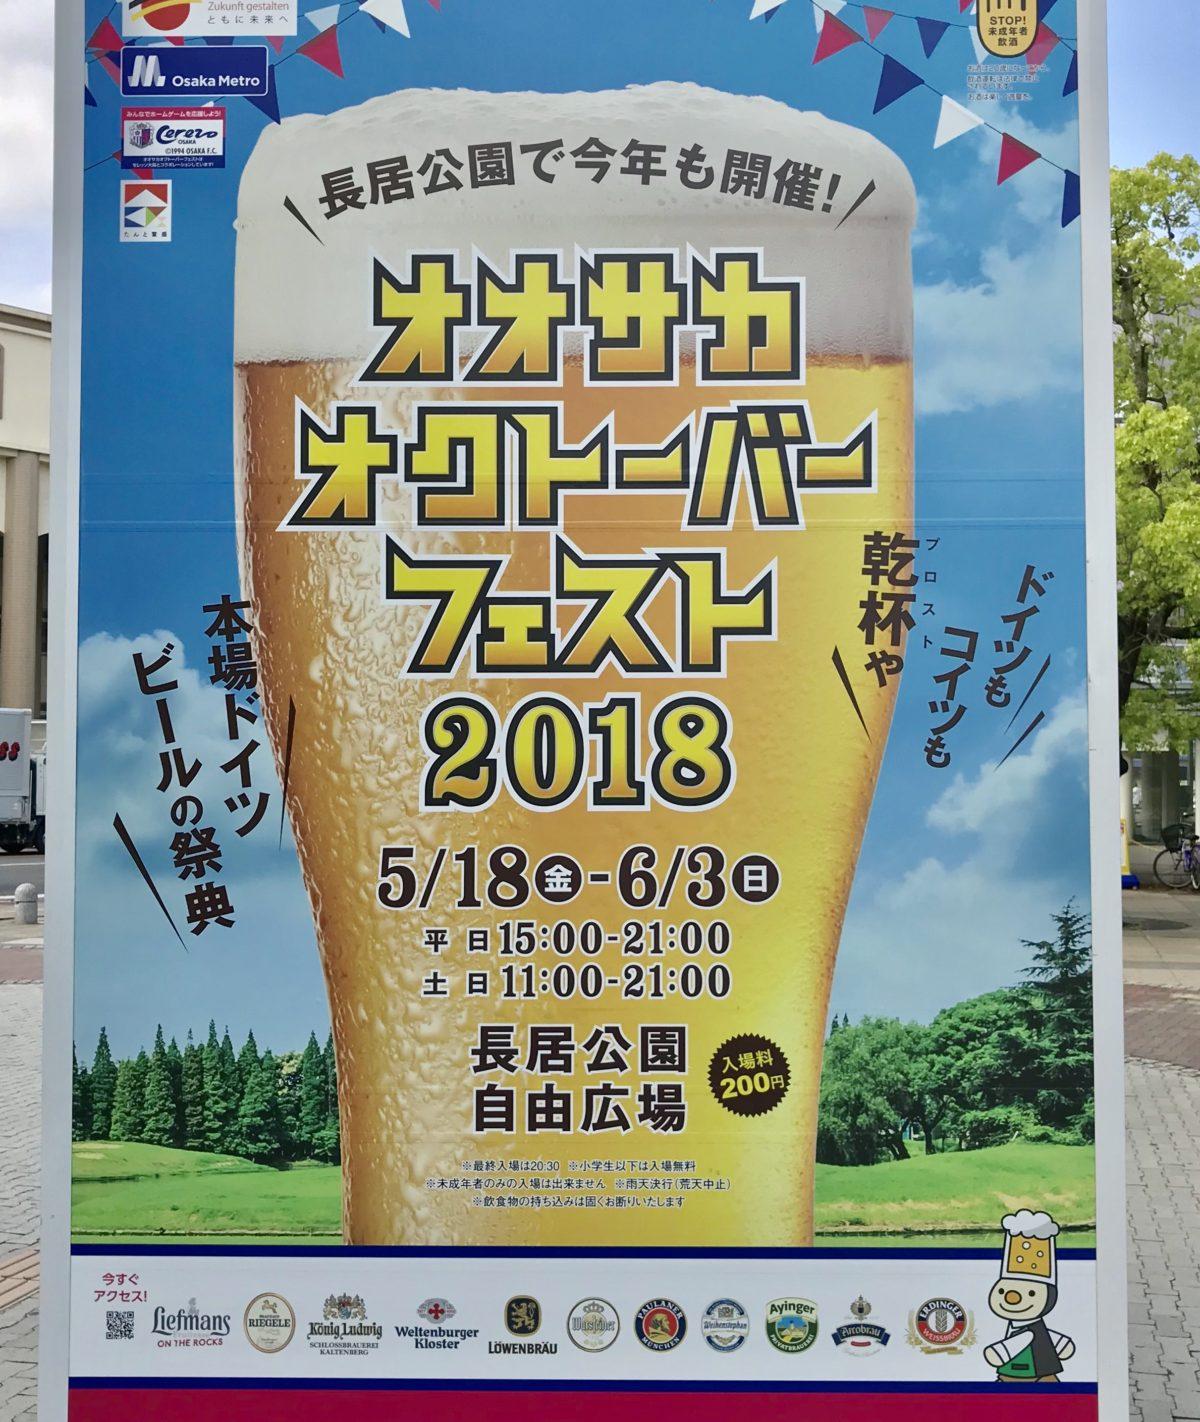 【長居公園】長居公園(公園の方)イベント情報